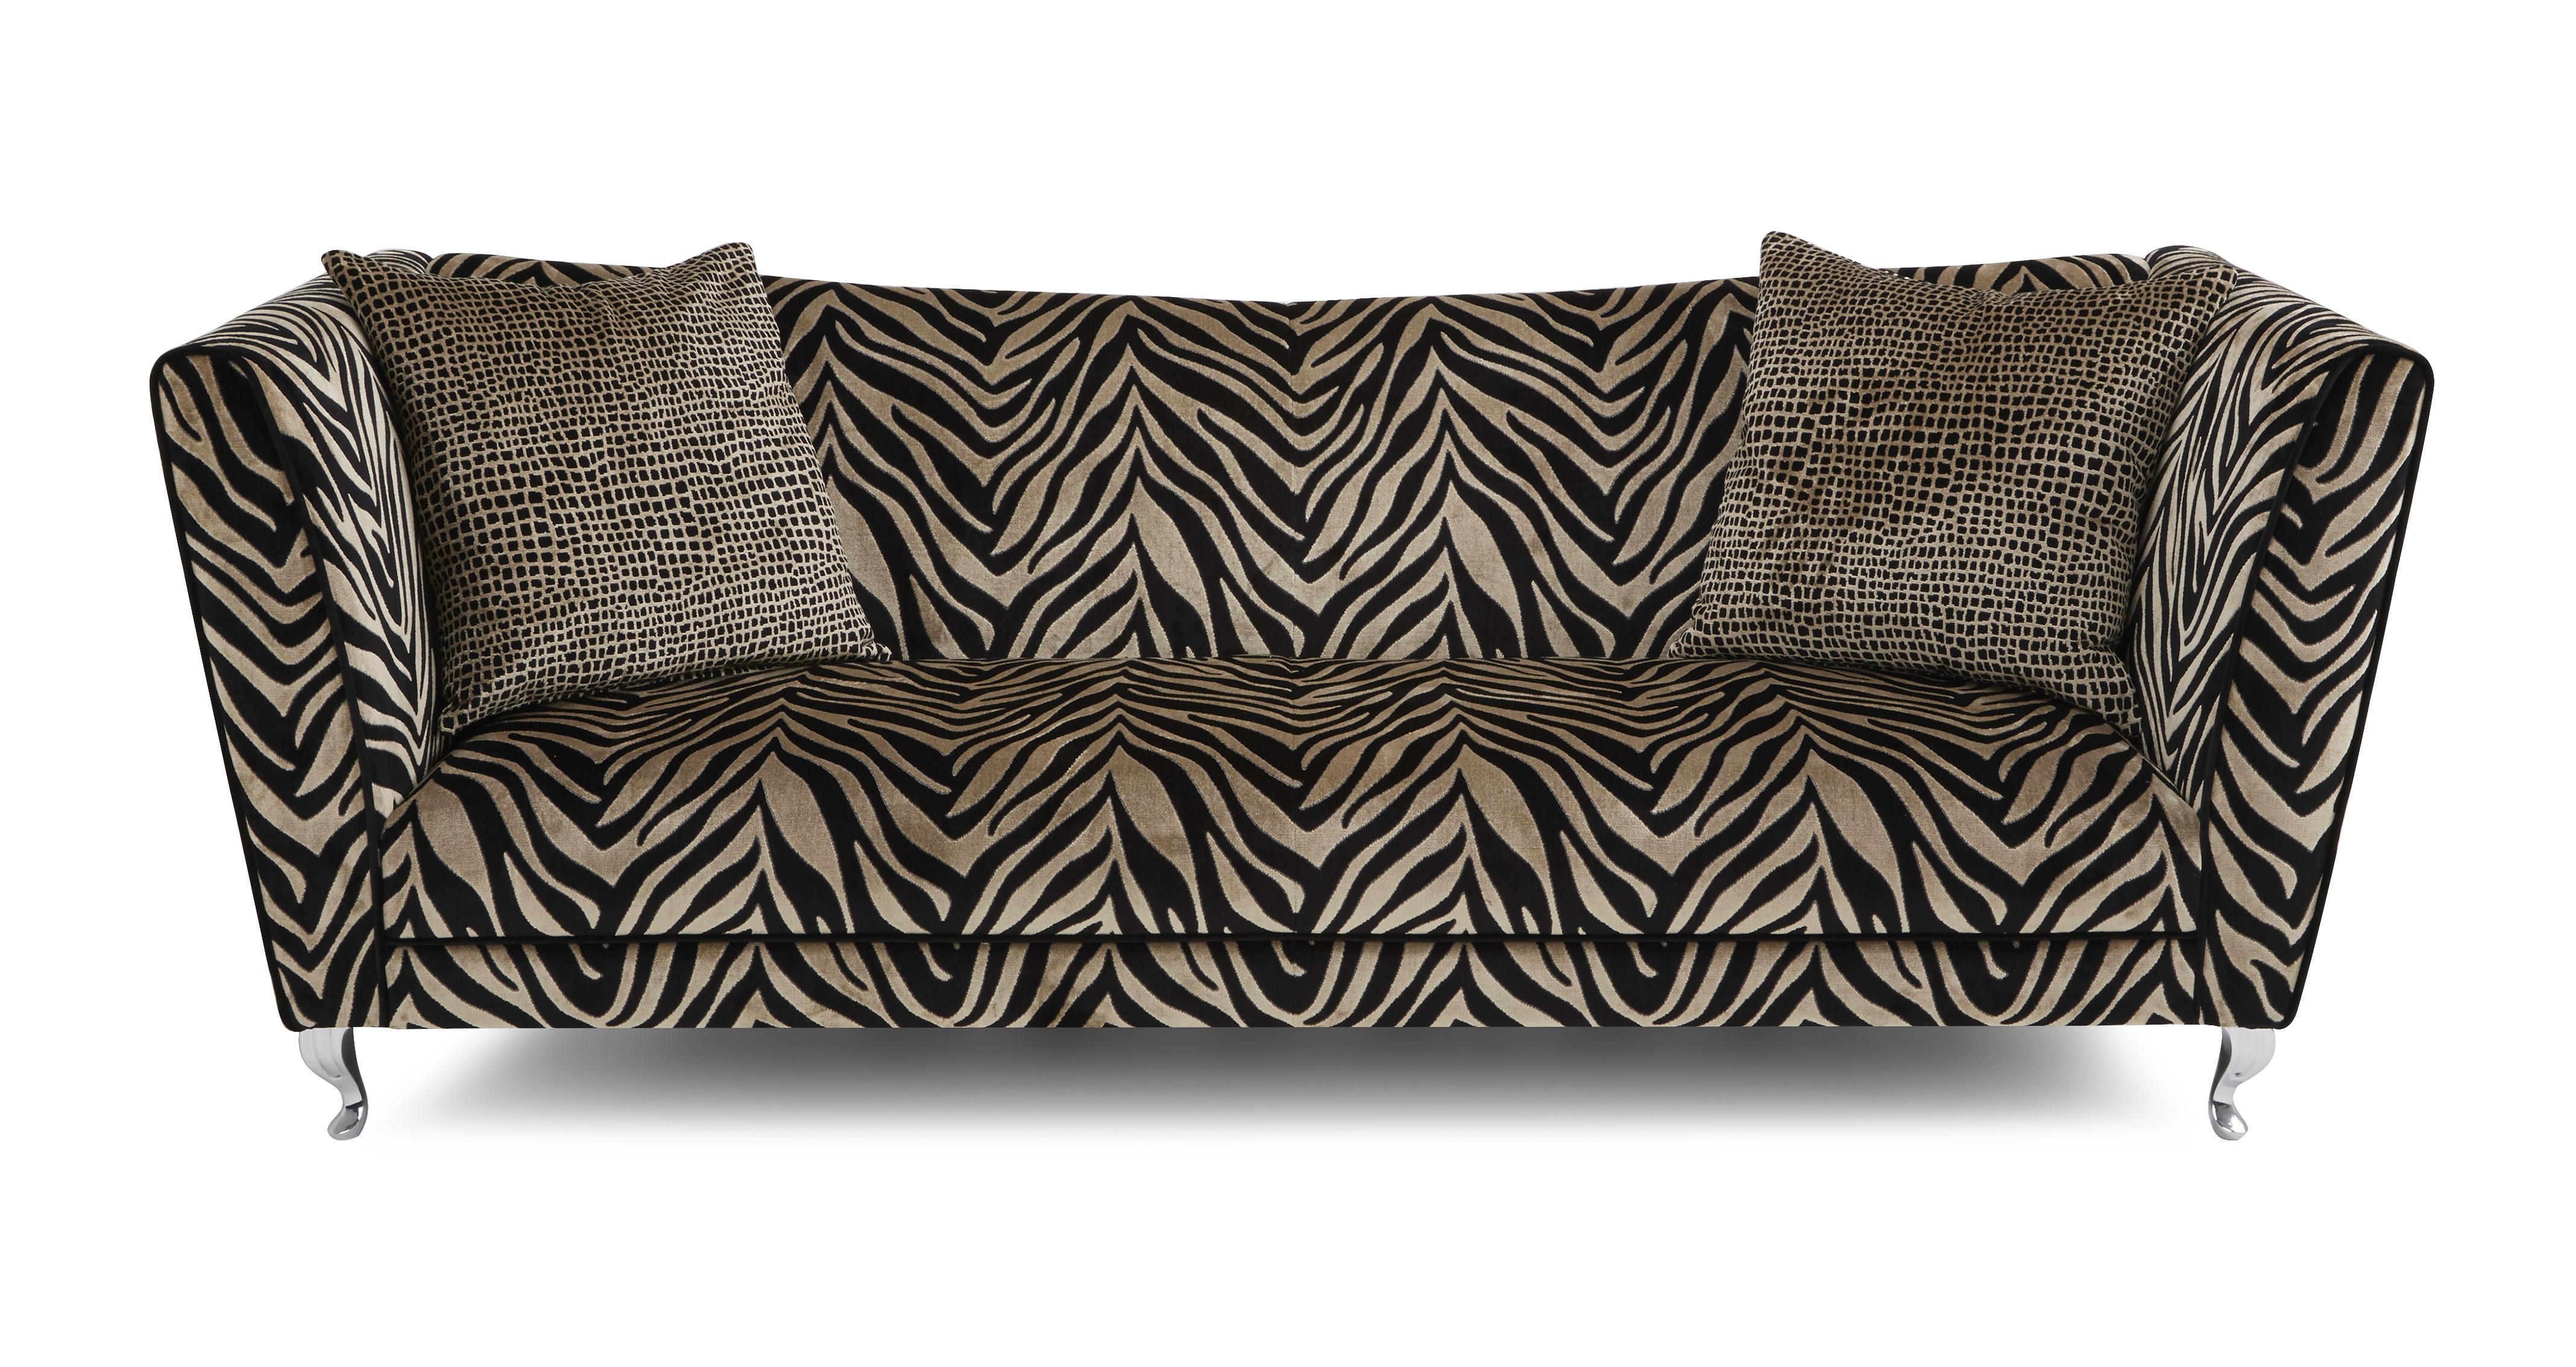 madagascar tiger pattern 4 seater sofa dfs banken. Black Bedroom Furniture Sets. Home Design Ideas